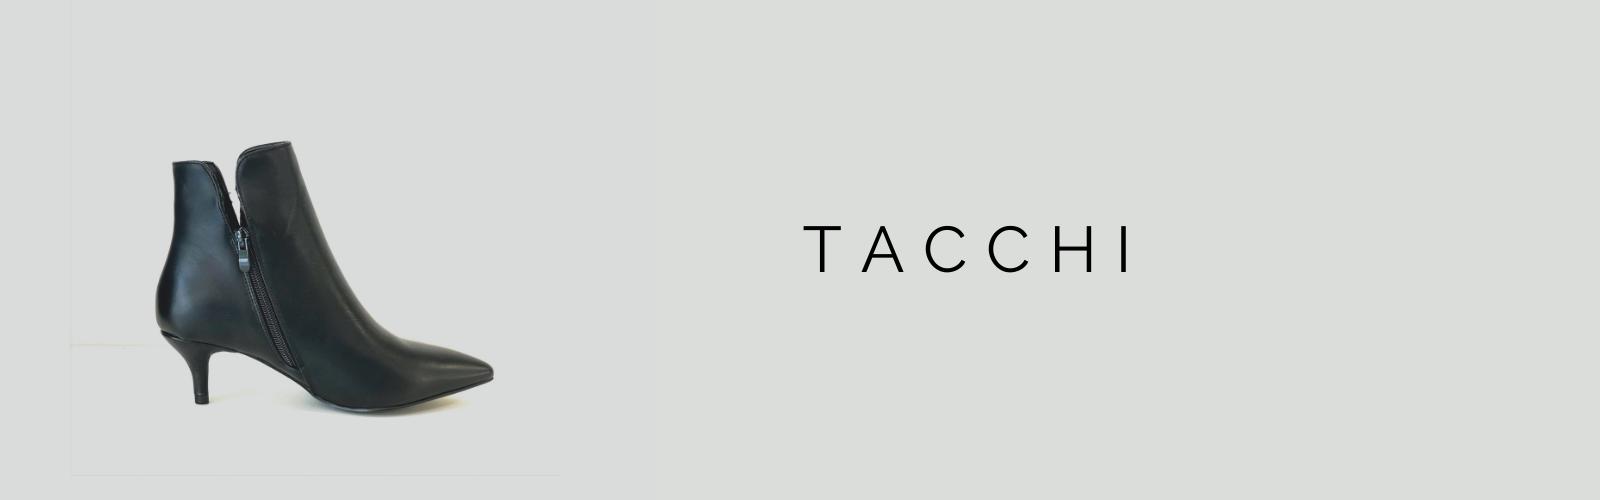 donna_tacchi